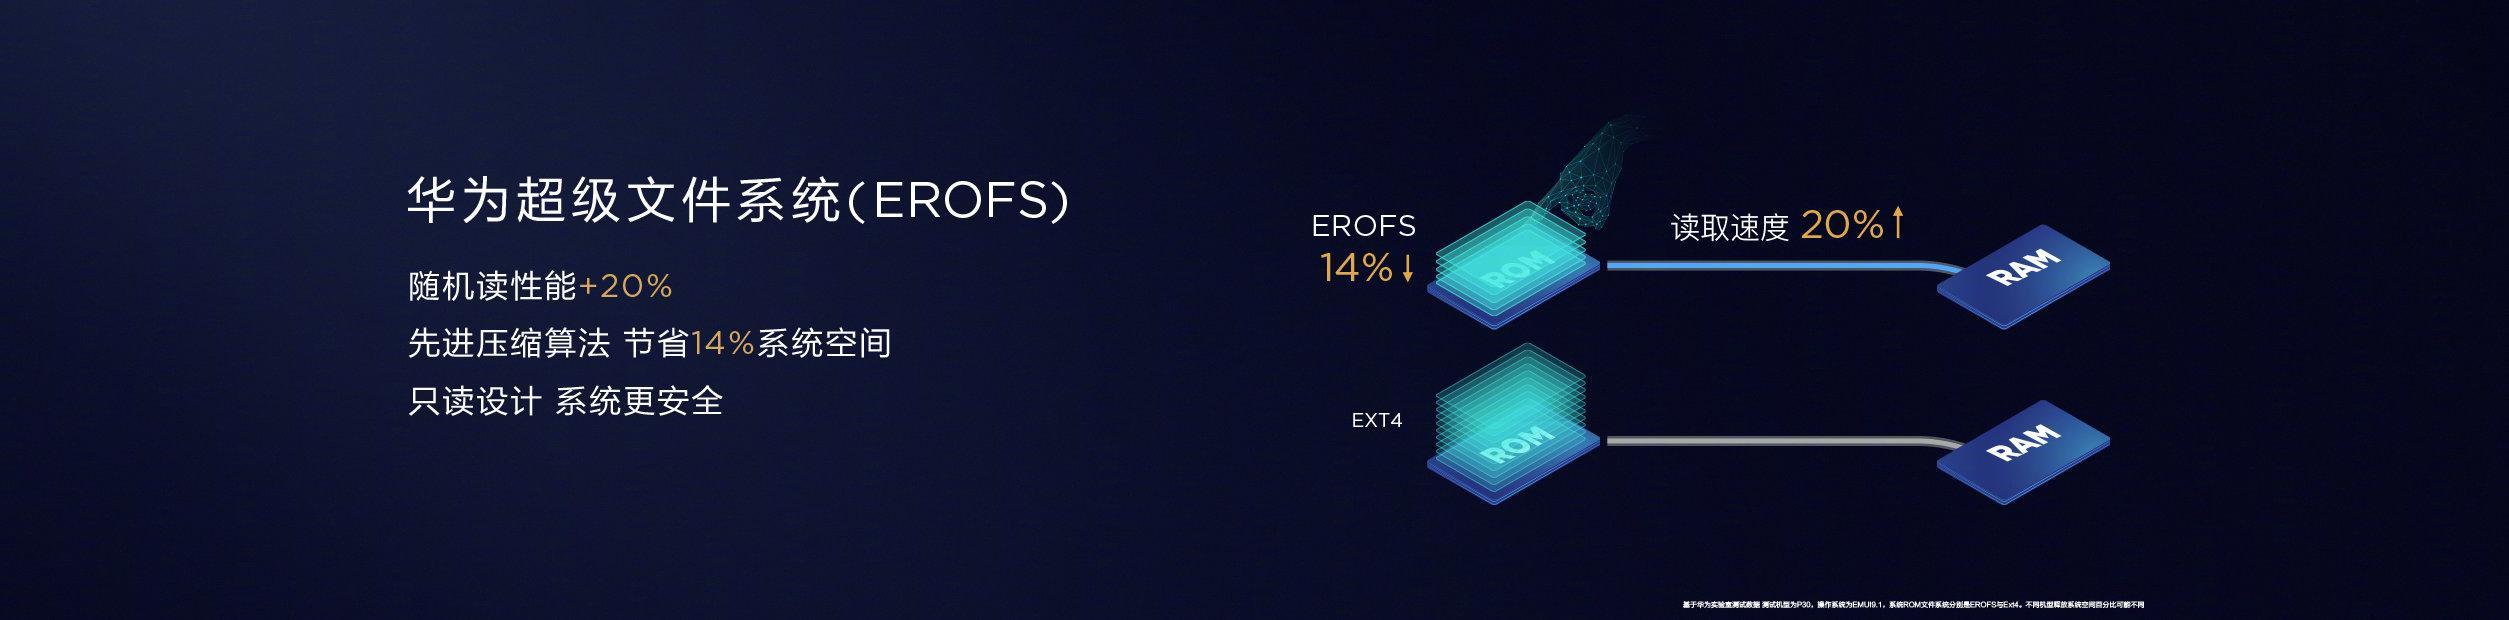 华为手机mate20系列即将上线两款神器:方舟编译器与EROFS超级文件系